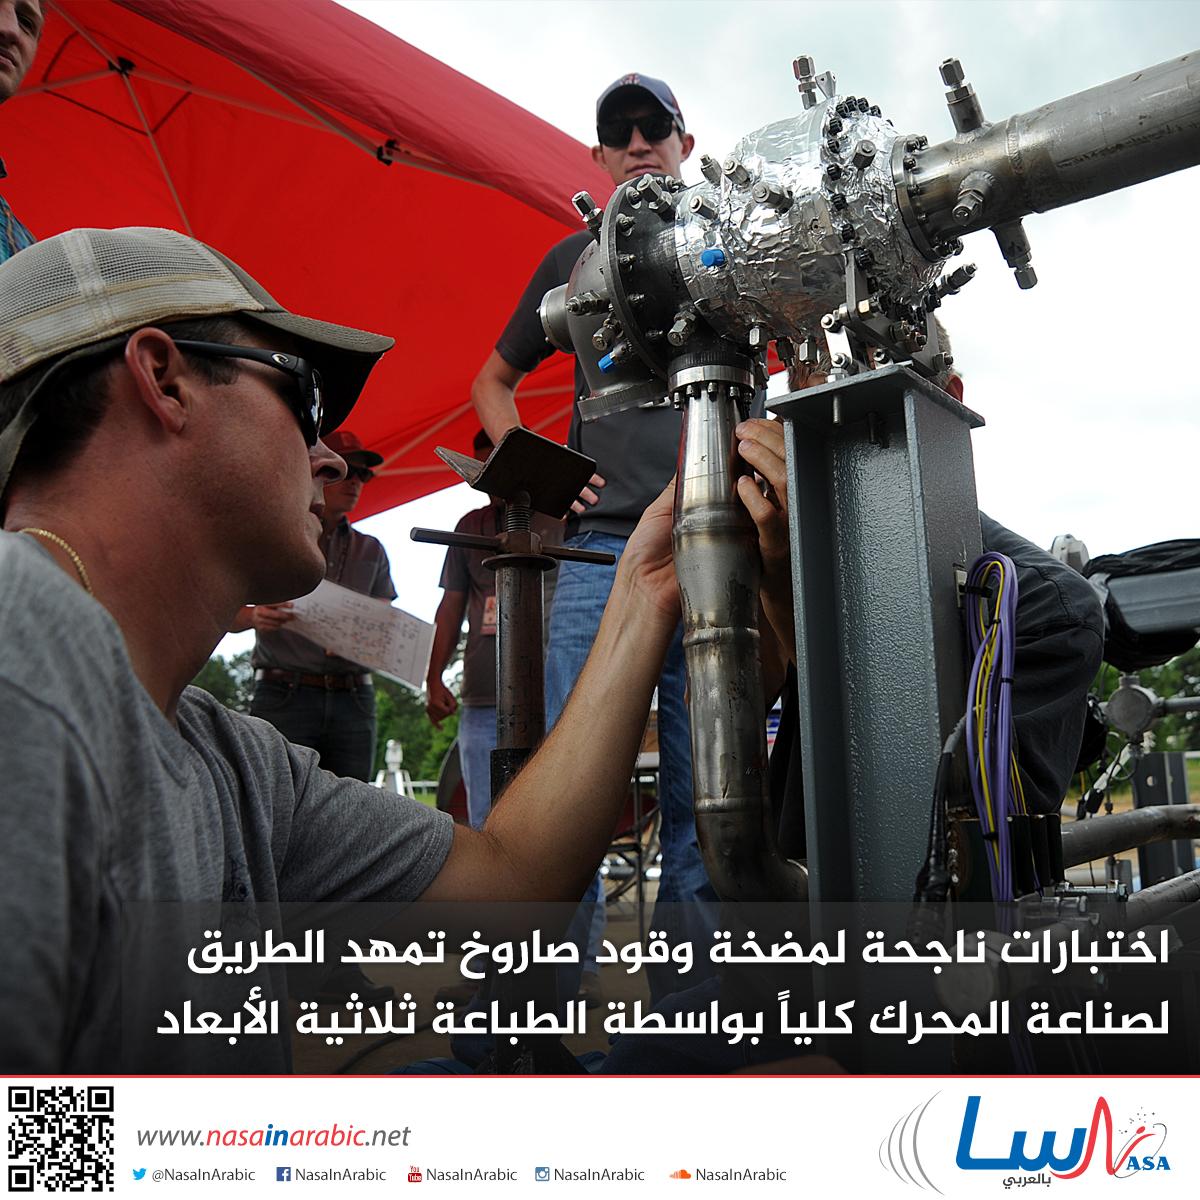 اختبارات ناجحة لمضخة وقود صاروخ تمهد الطريق لصناعة المحرك كلياً بواسطة الطباعة ثلاثية الأبعاد